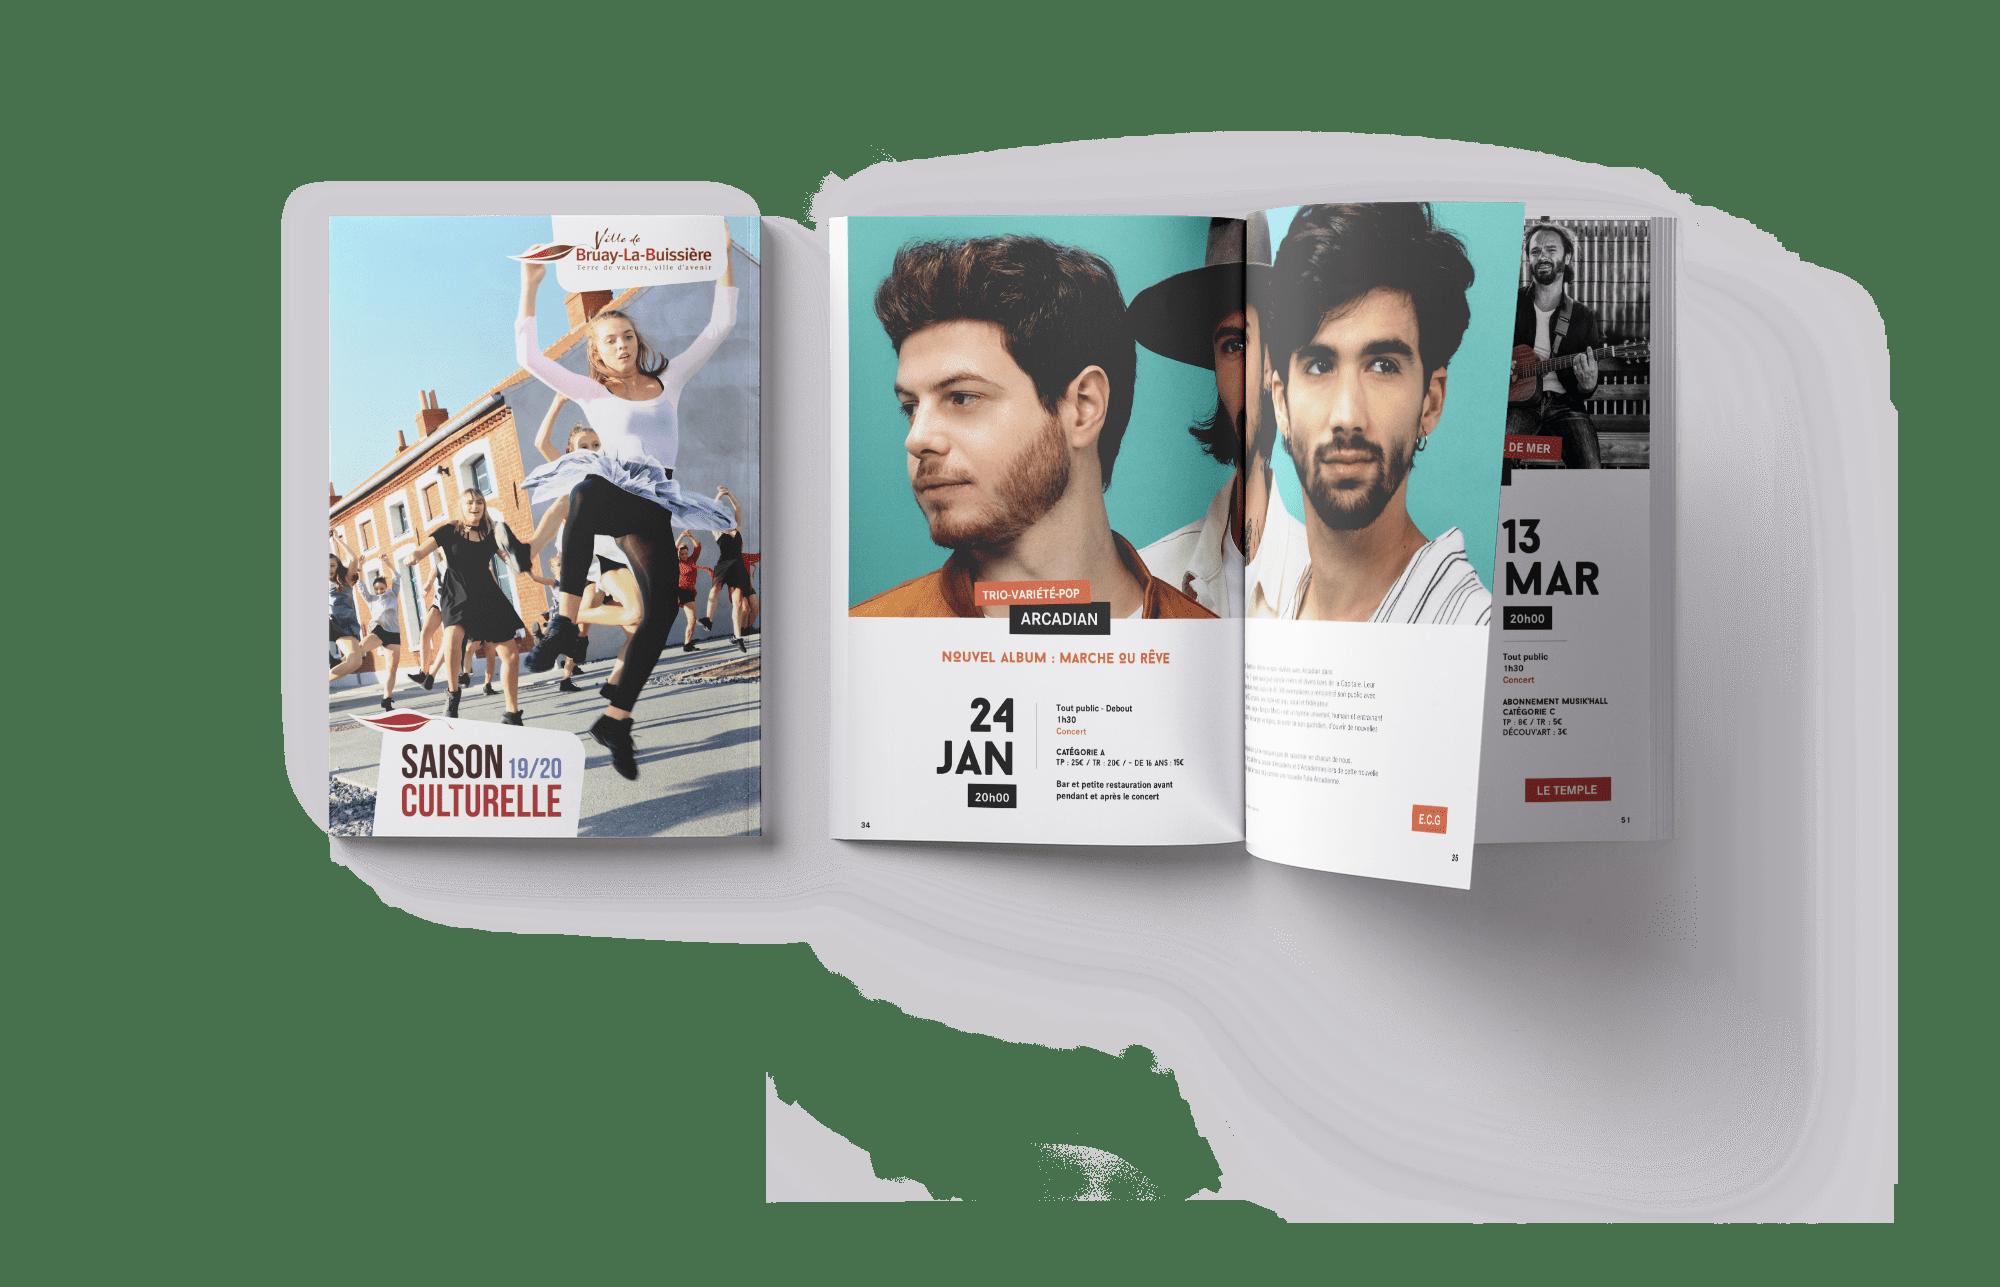 Plaquette culturelle 2019/2020 Ville de Bruay-La-Buissière - Agence GUS